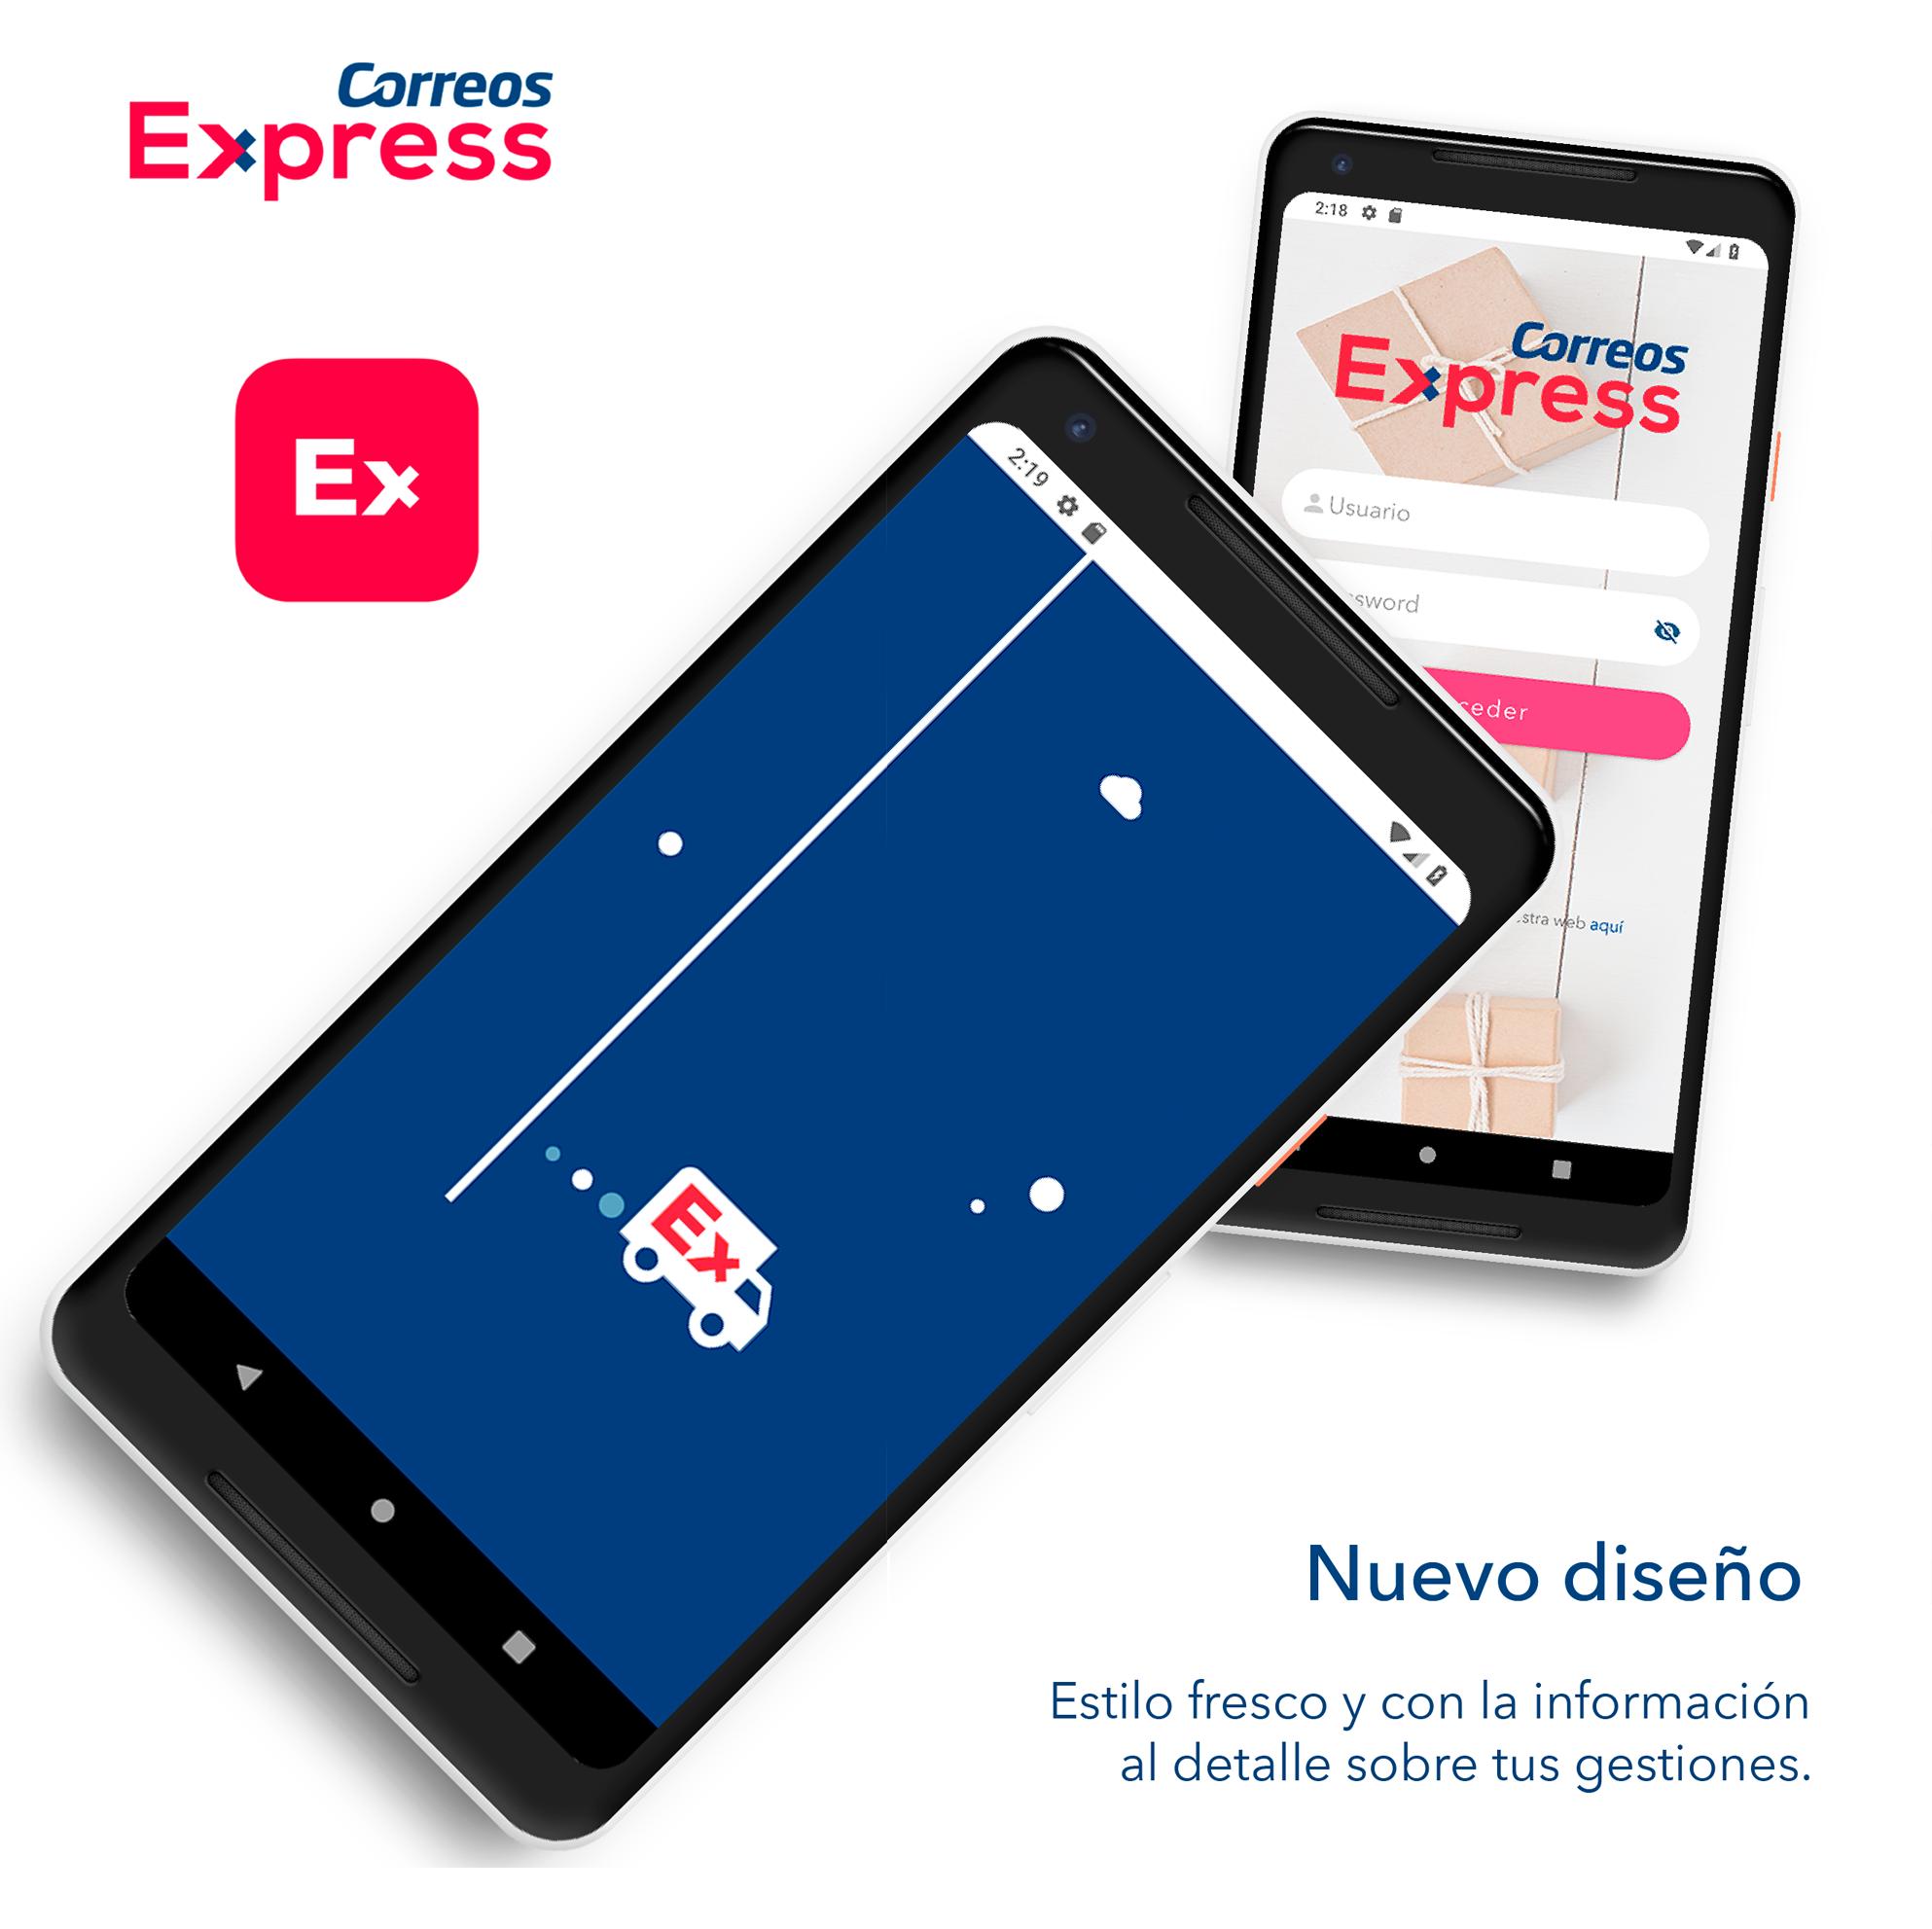 La nueva App de Clientes de Correos Express ofrece una gestión total de los envíos desde el móvil y en breve, utilizando la voz